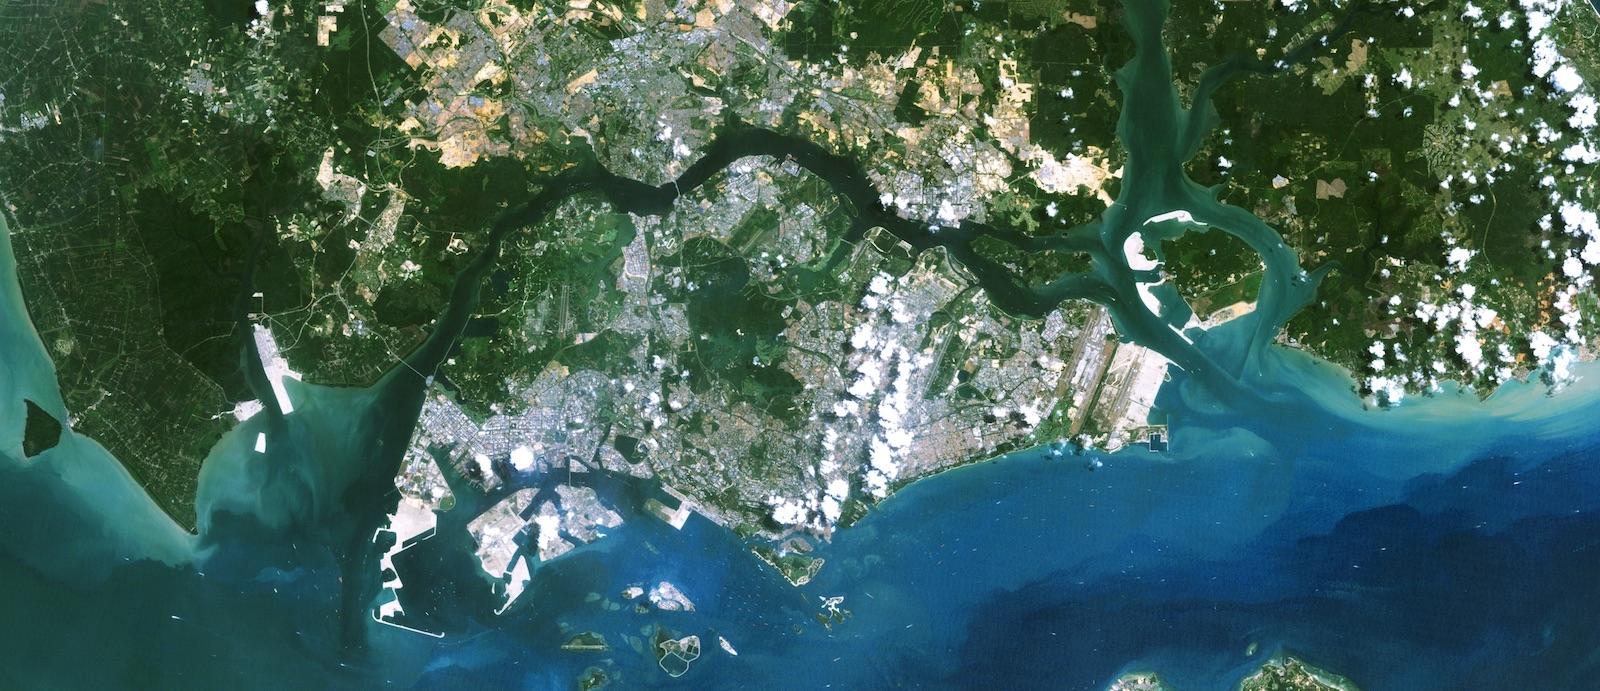 Photo: NASA Visible Earth